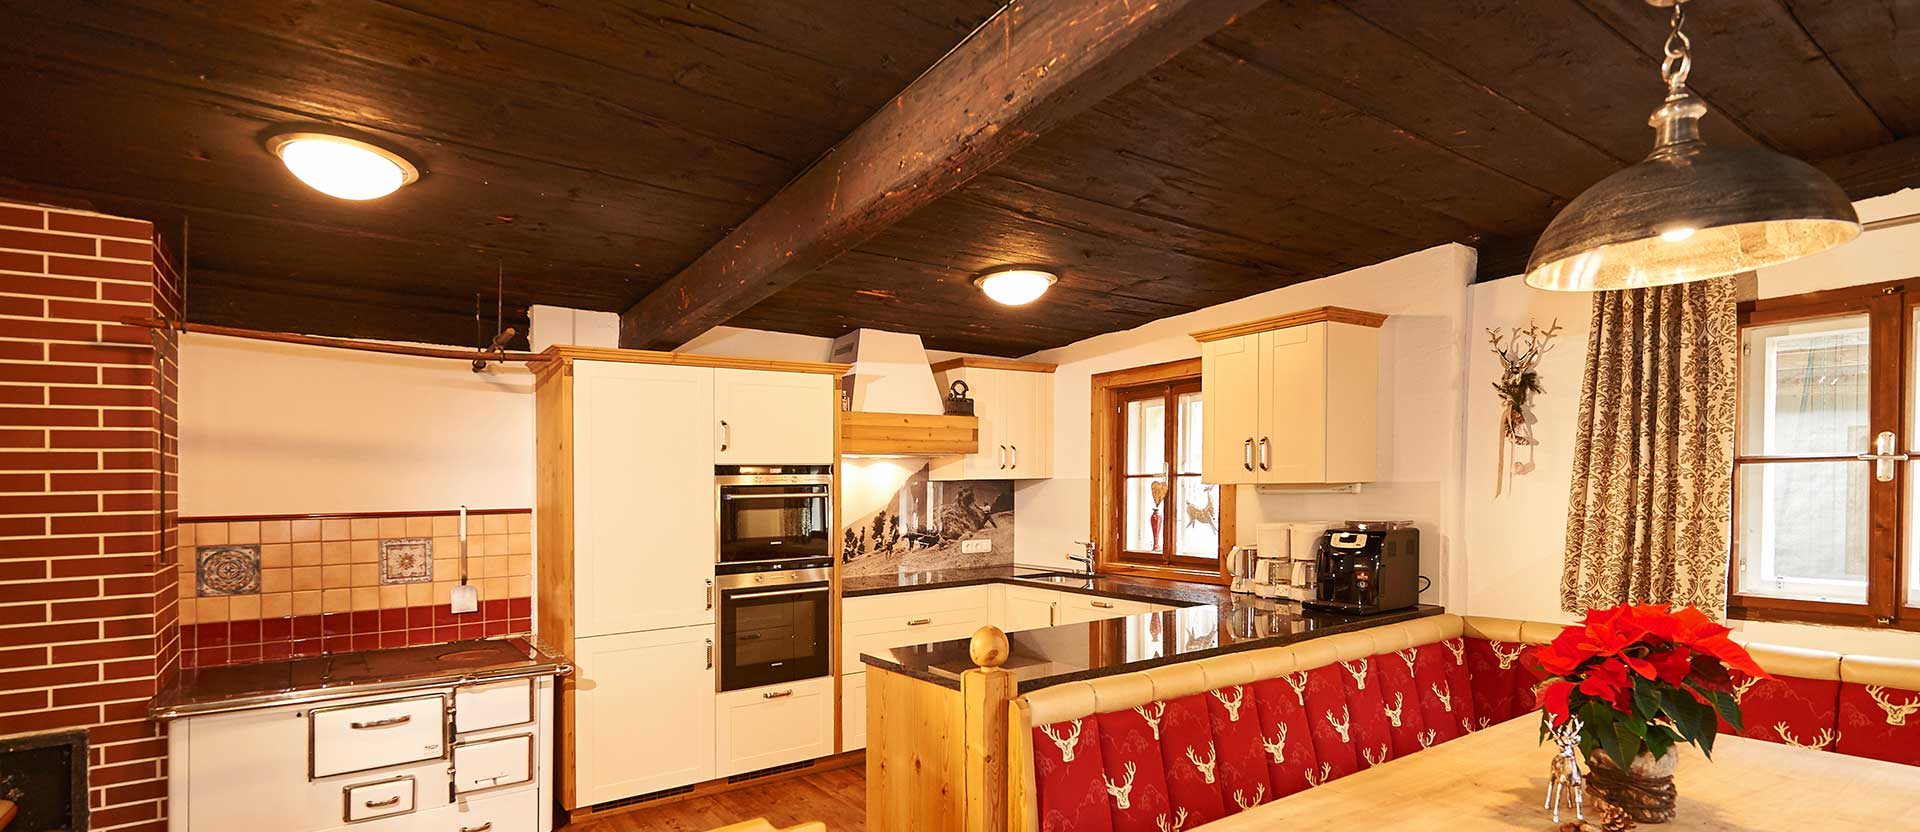 Bauernhofurlaub in Wagrain - Zimmer & Ferienwohnungen